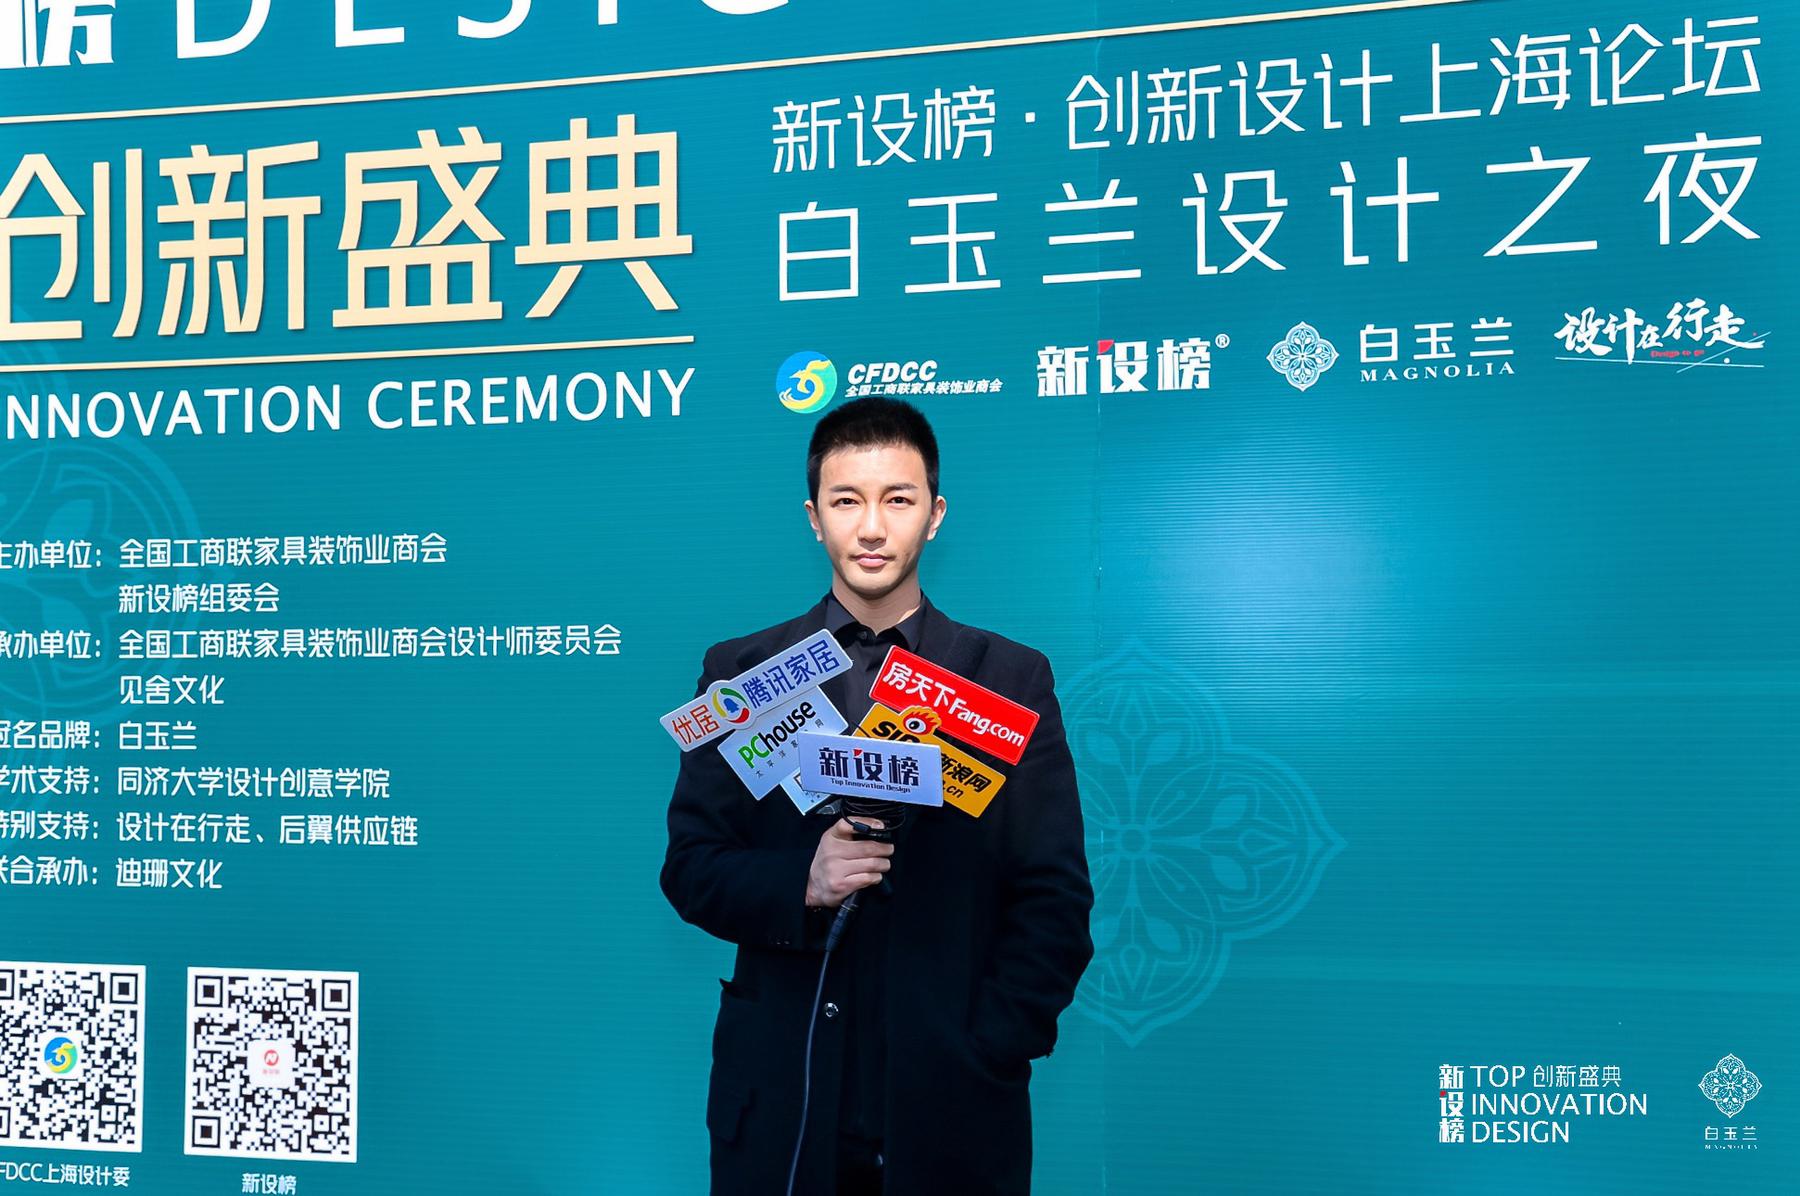 """设计师邵沛荣获新设榜""""年度创新设计杰出人物""""称号"""